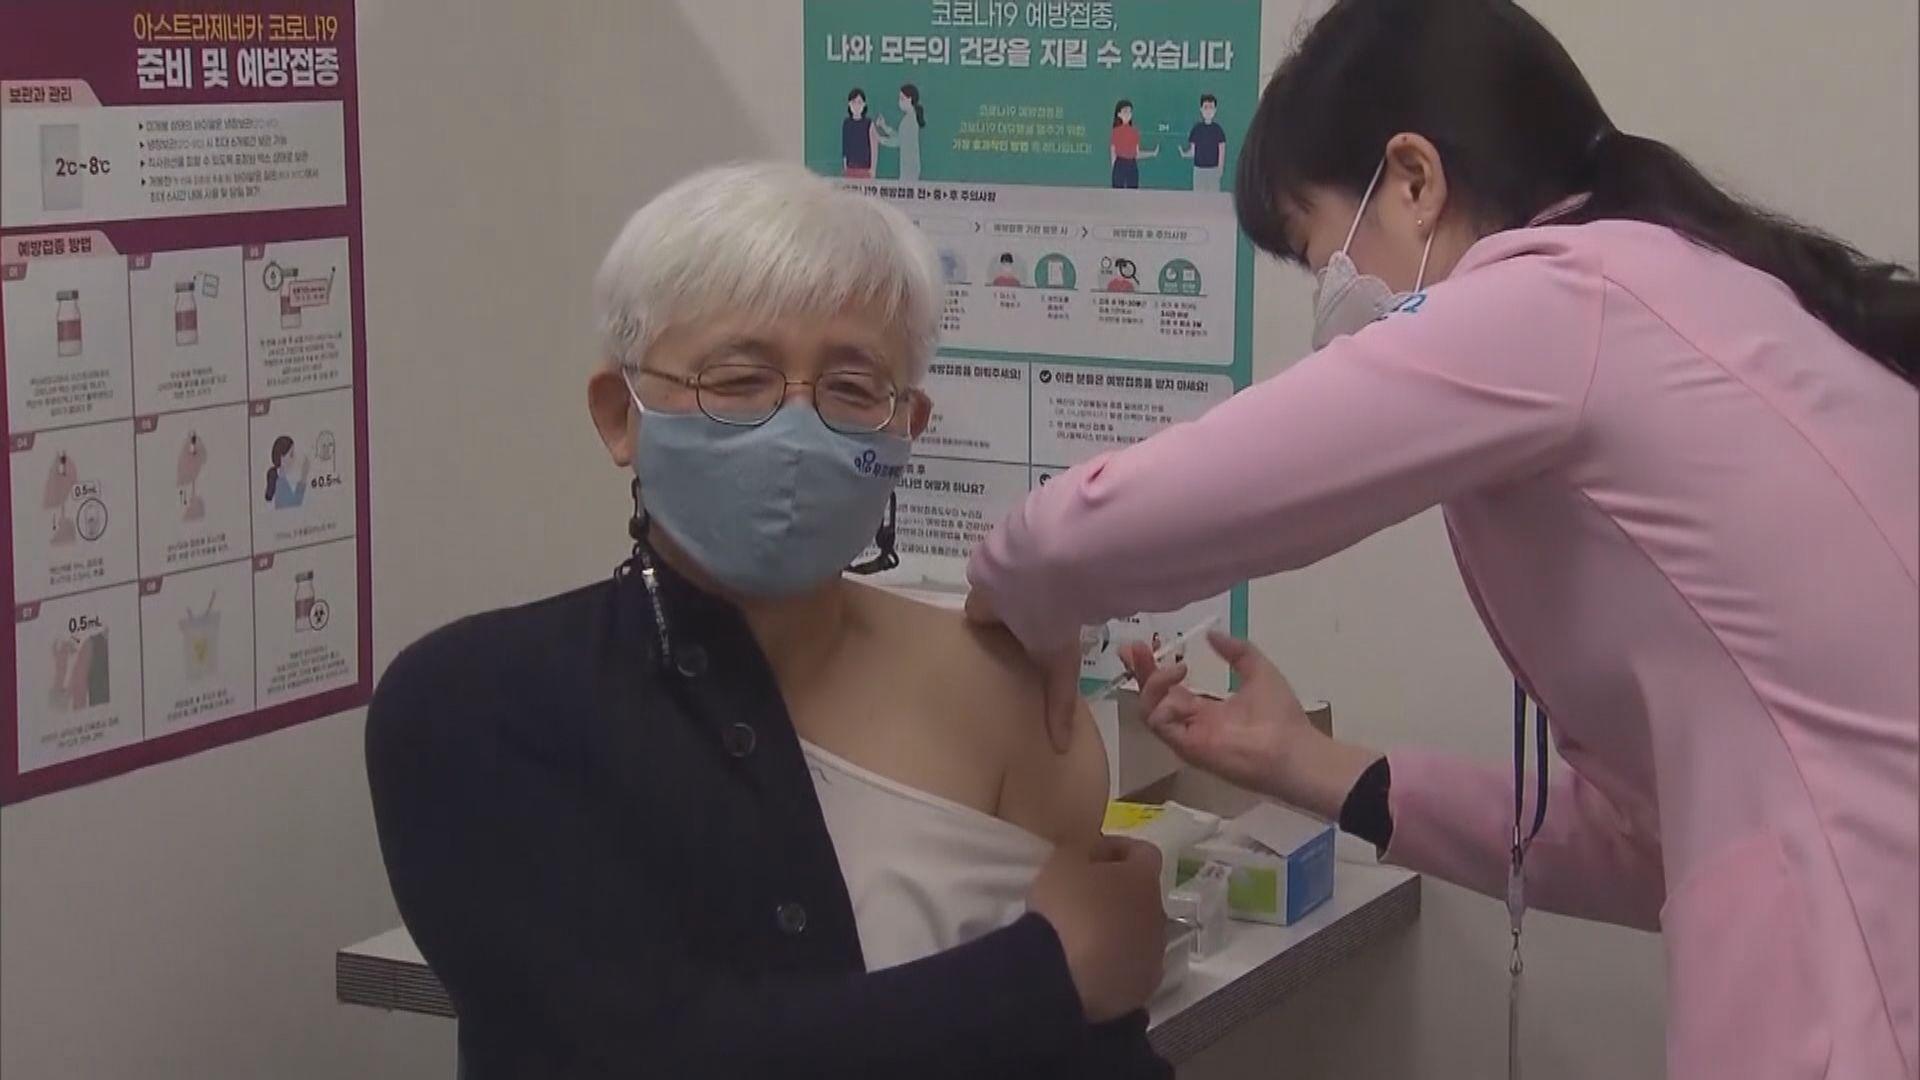 南韓政府向接種疫苗民眾提供「獎勵」